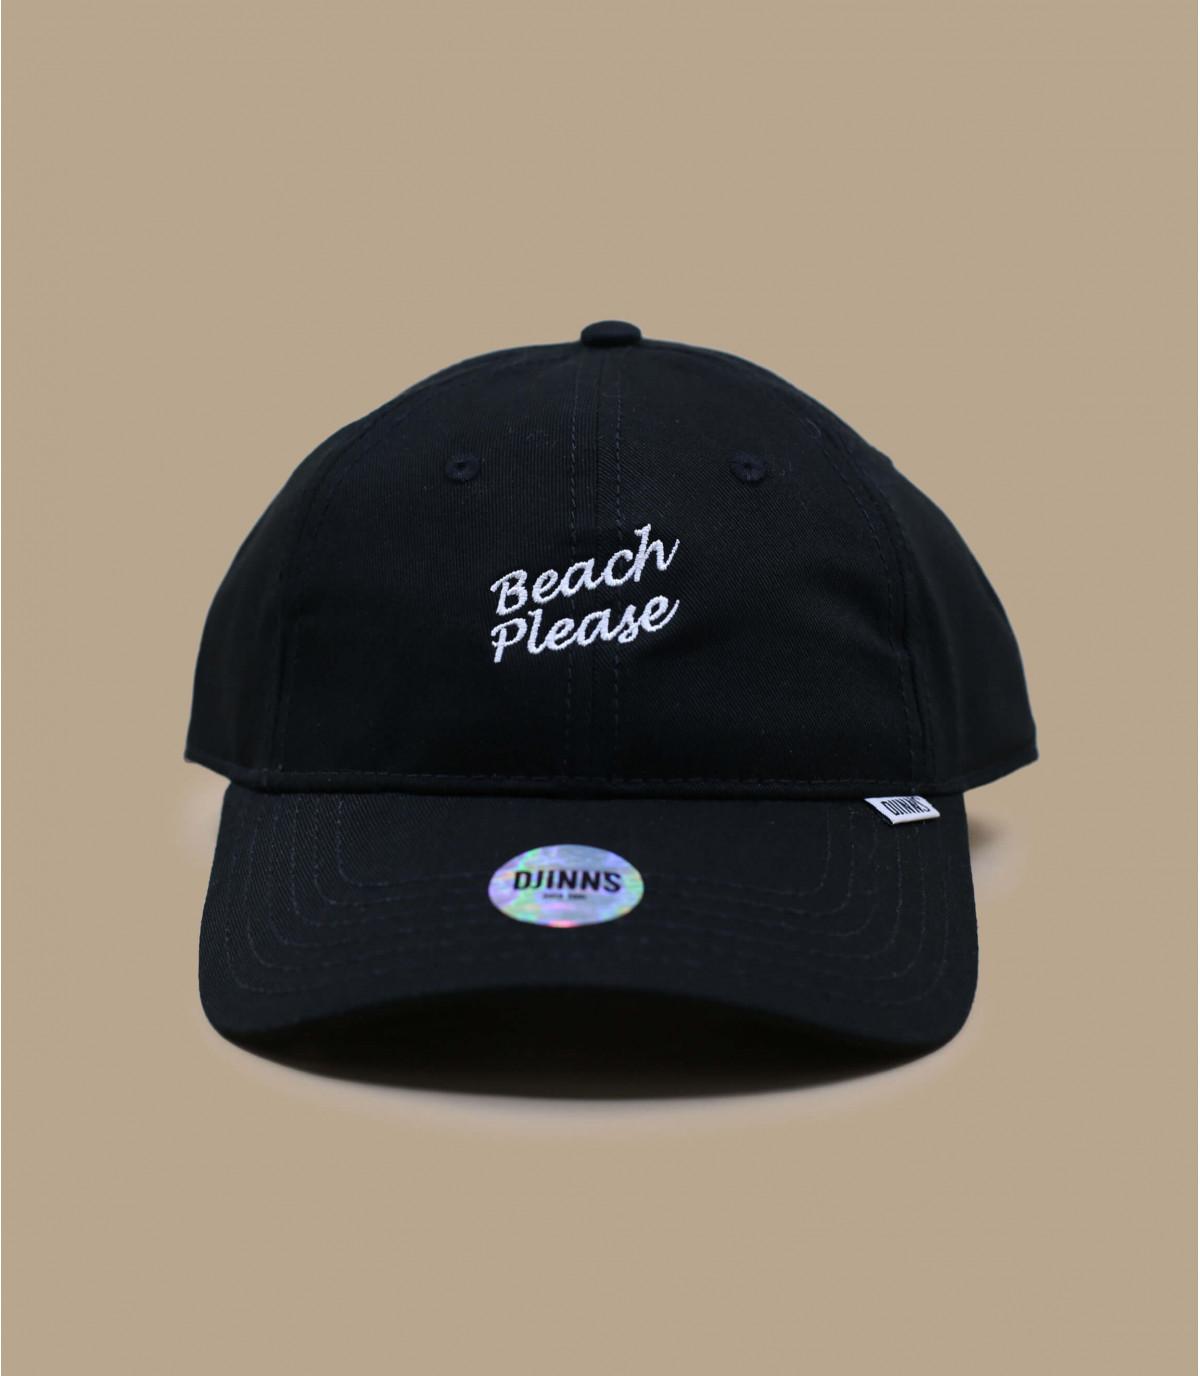 cappello da spiaggia per favore